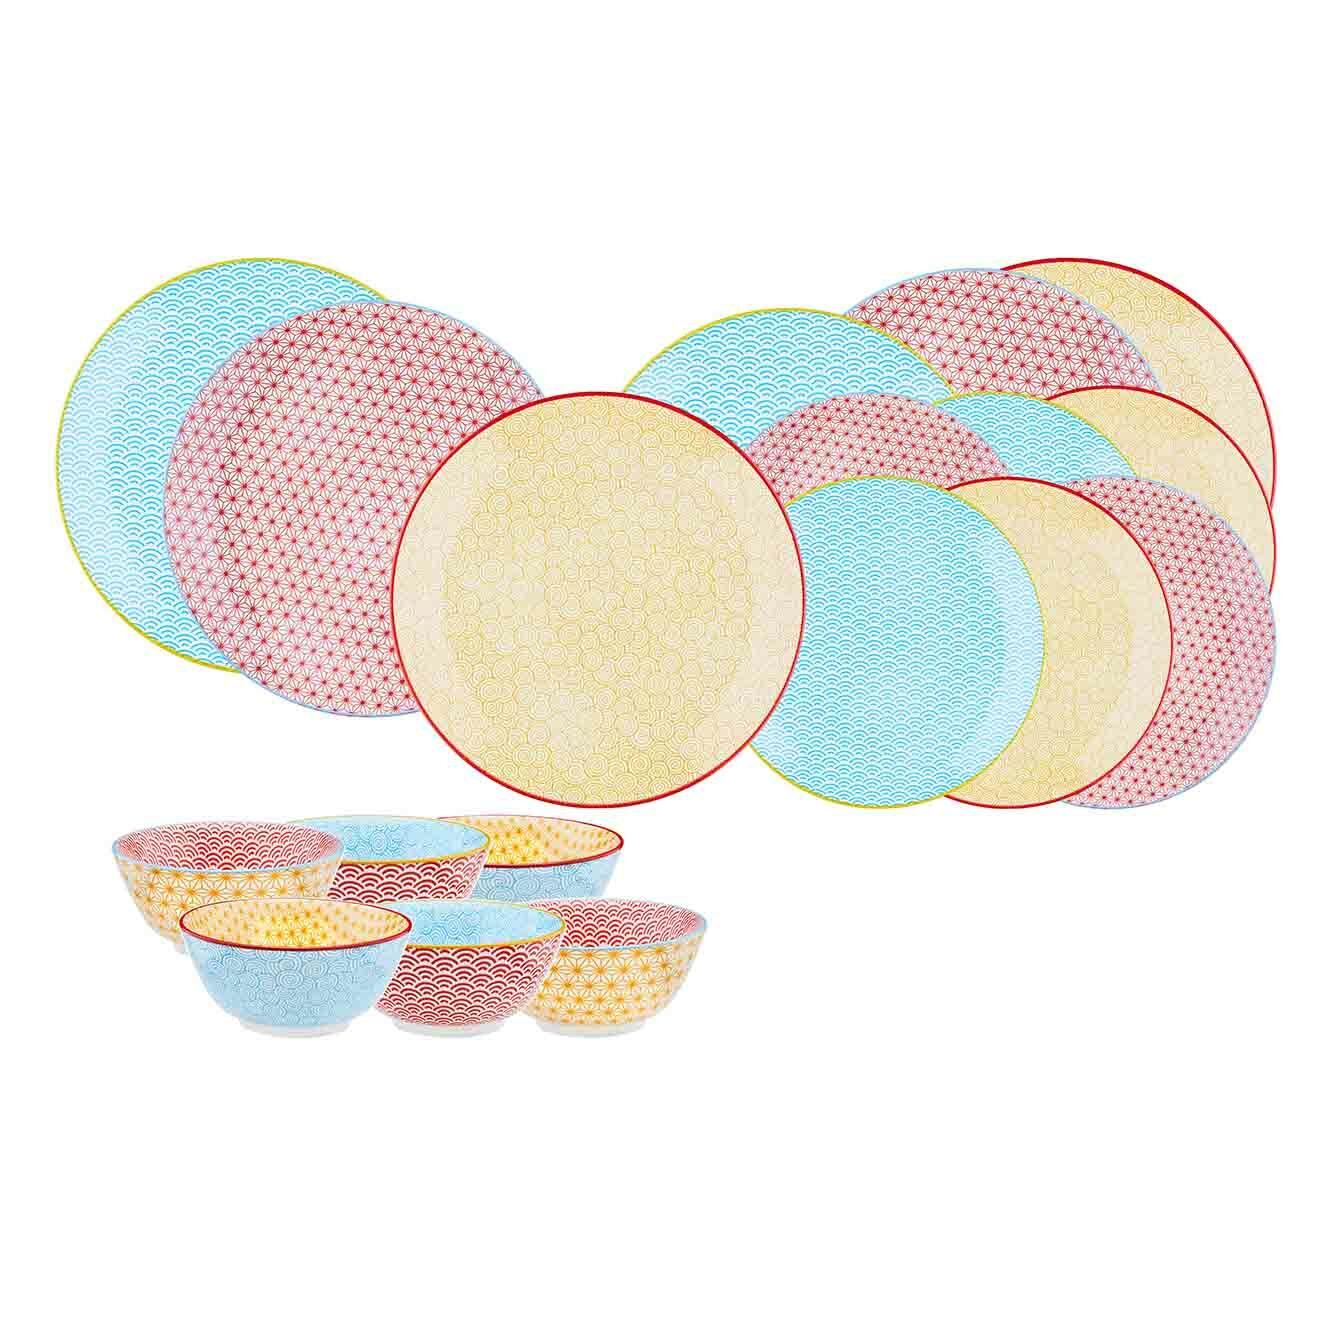 Service Les essentiels Color multicolore - 18 pièces